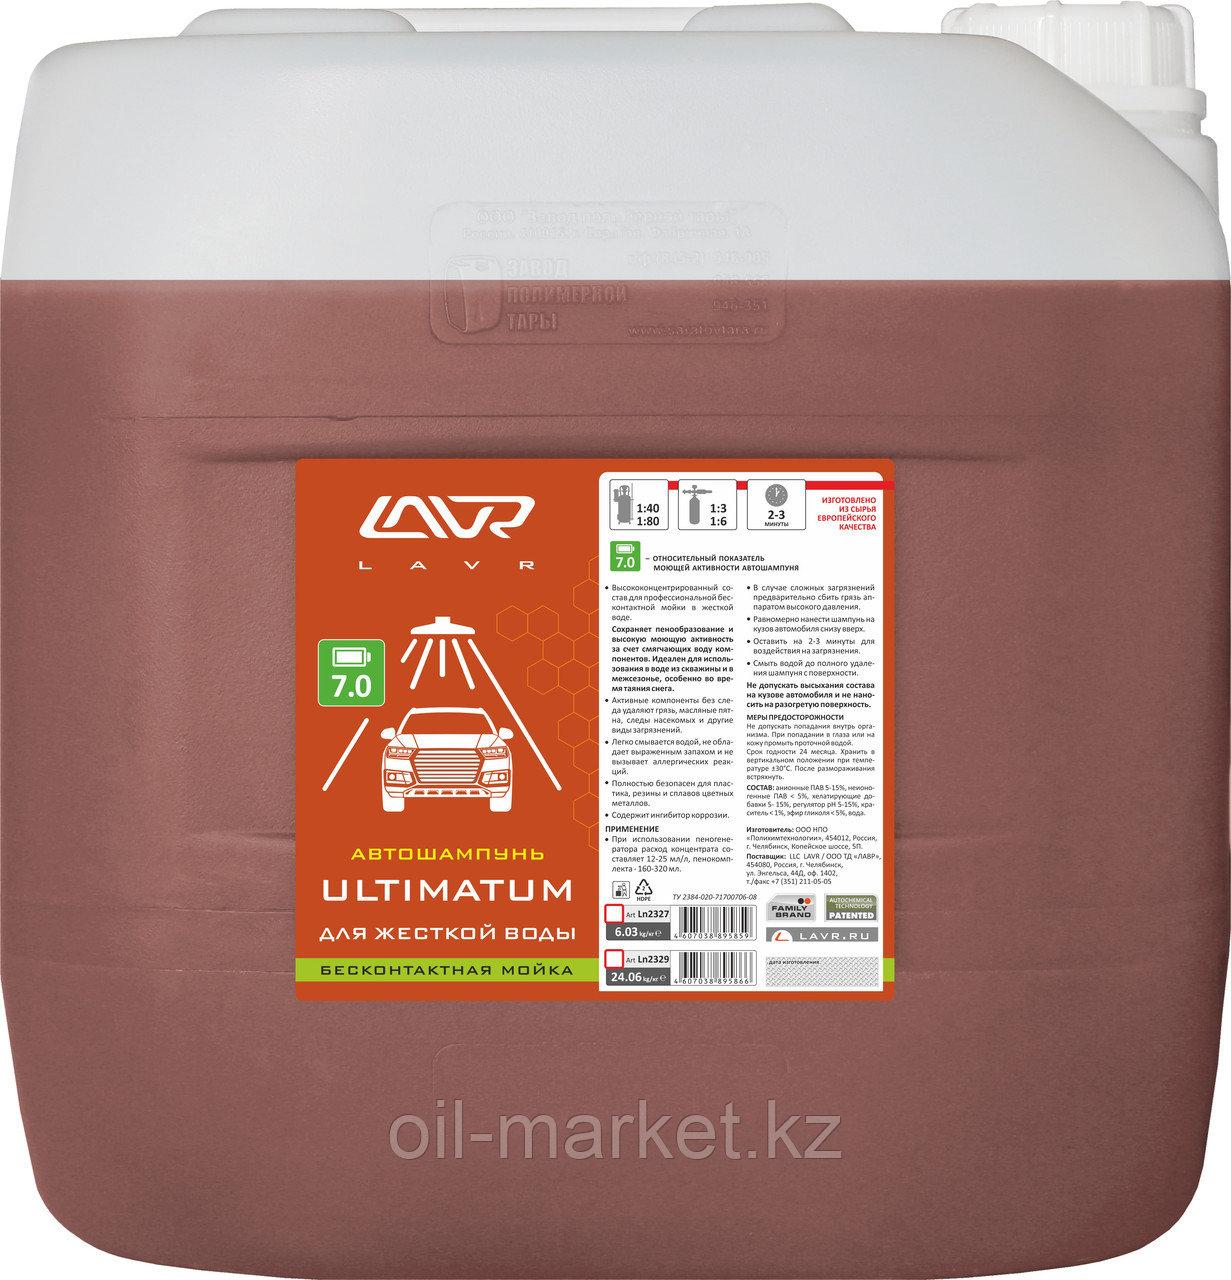 """Автошампунь для бесконтактной мойки """"ULTIMATUM"""" для жесткой воды 7.0 (1:50-70) Auto Shampoo ULTIMATUM 23,6 кг"""